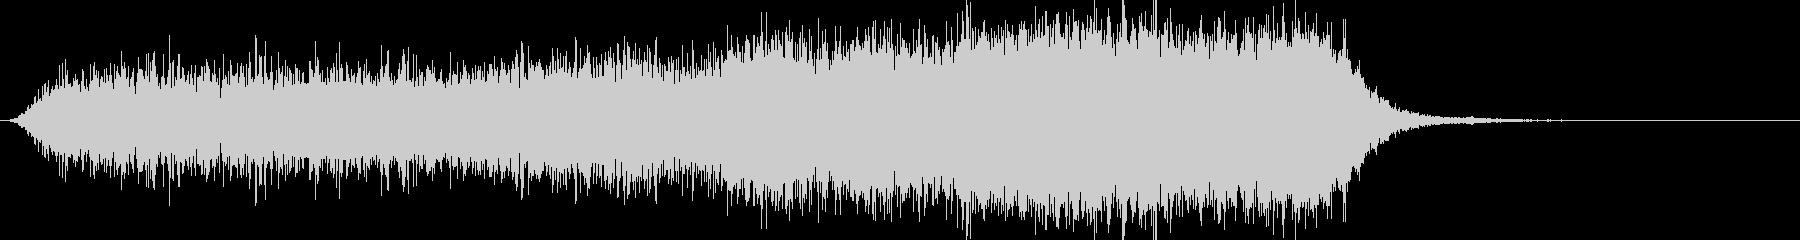 恐怖の電子音の未再生の波形